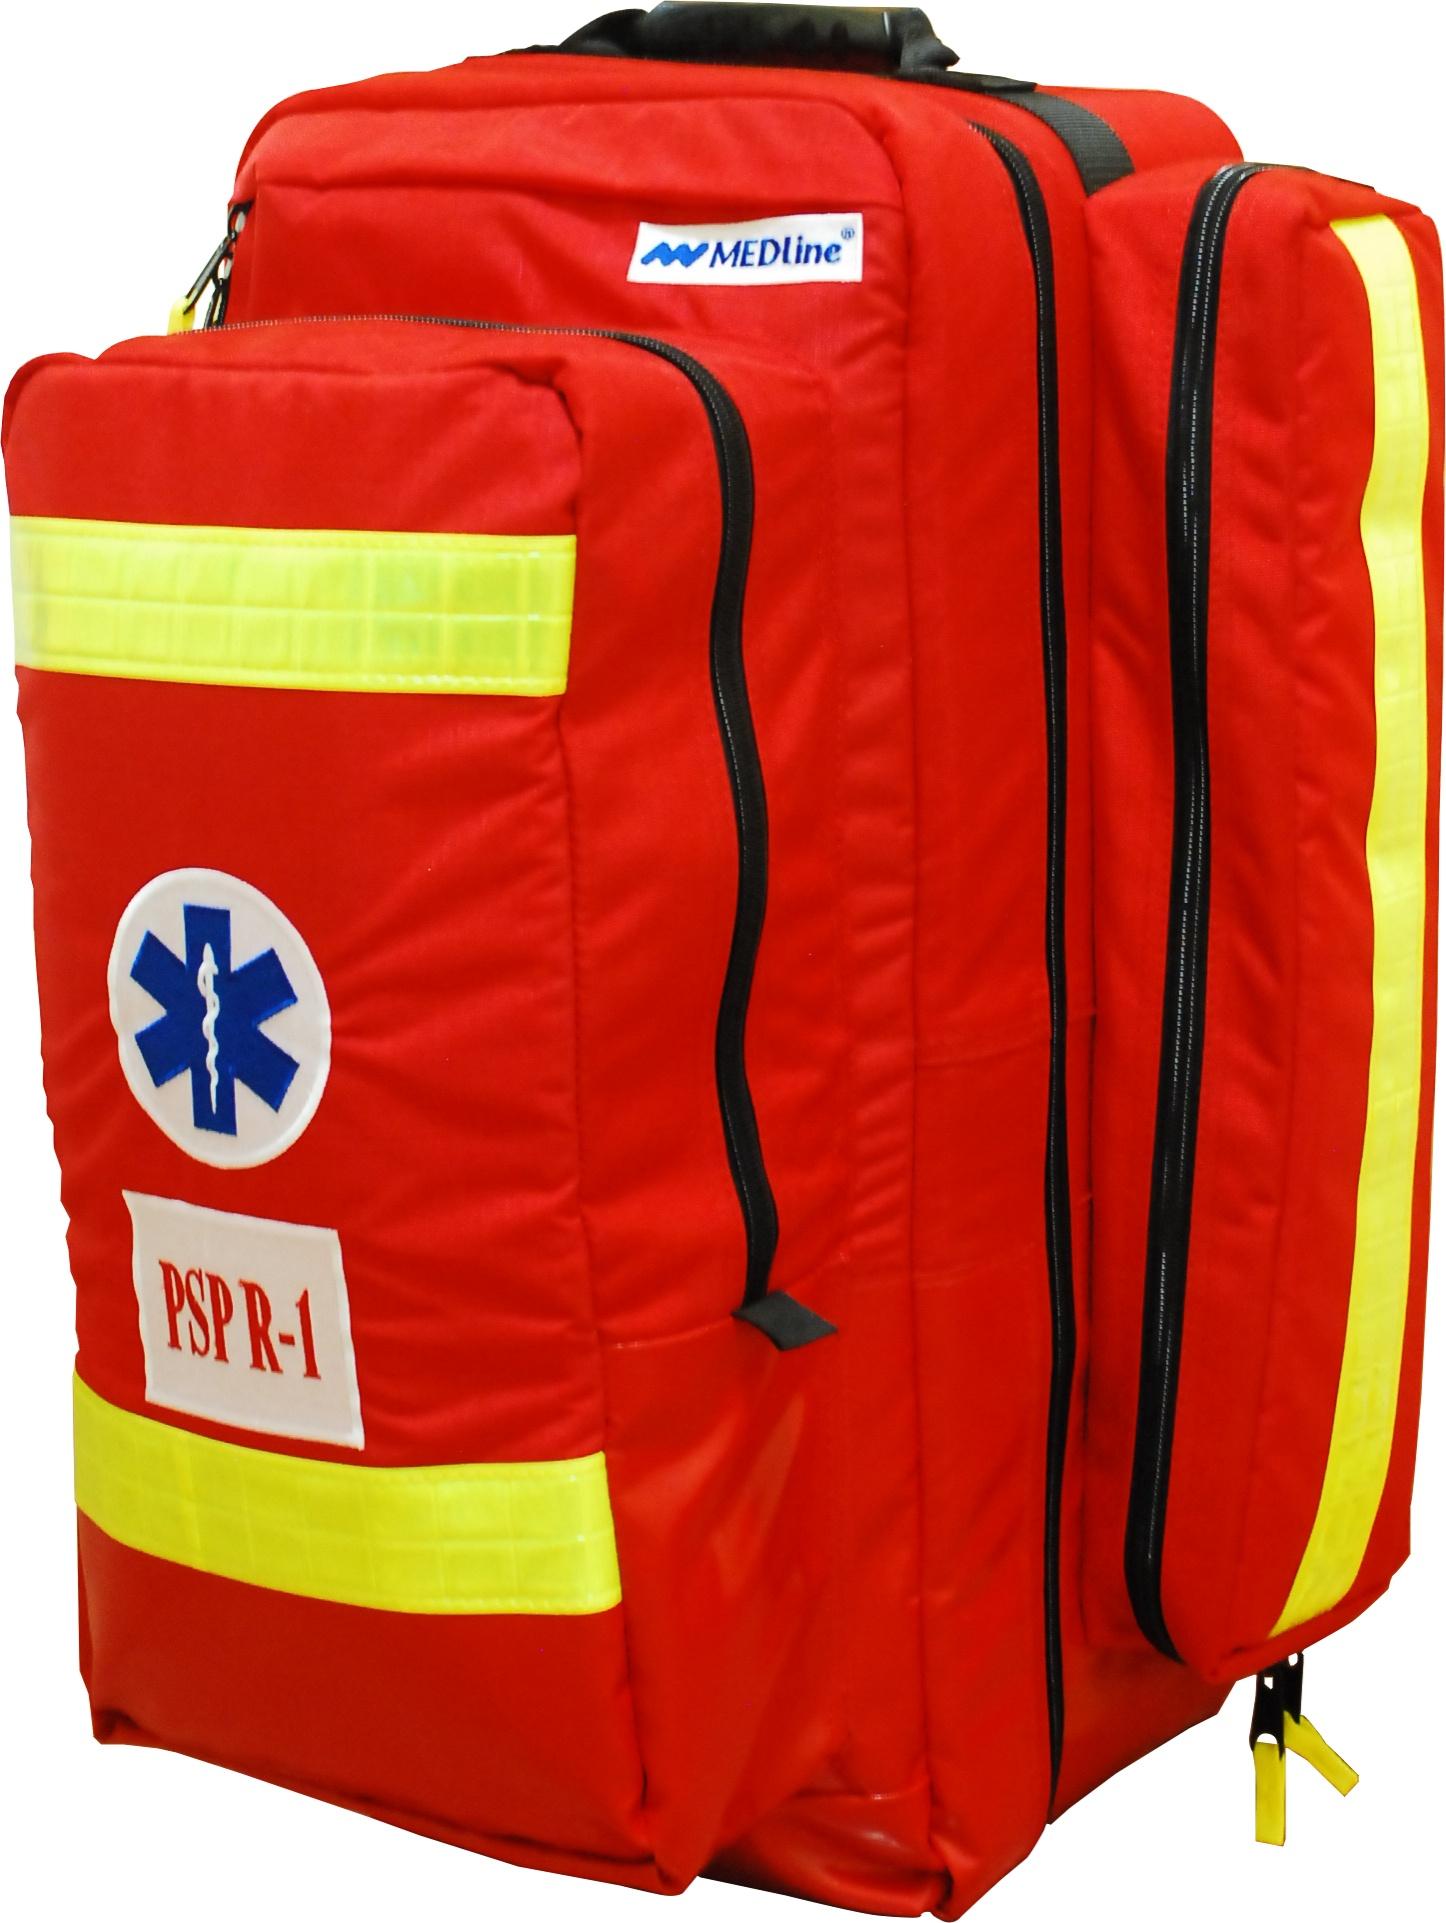 Zestaw ratowniczy PSP R1 w plecaku Med Pack dla Straży Pożarnej